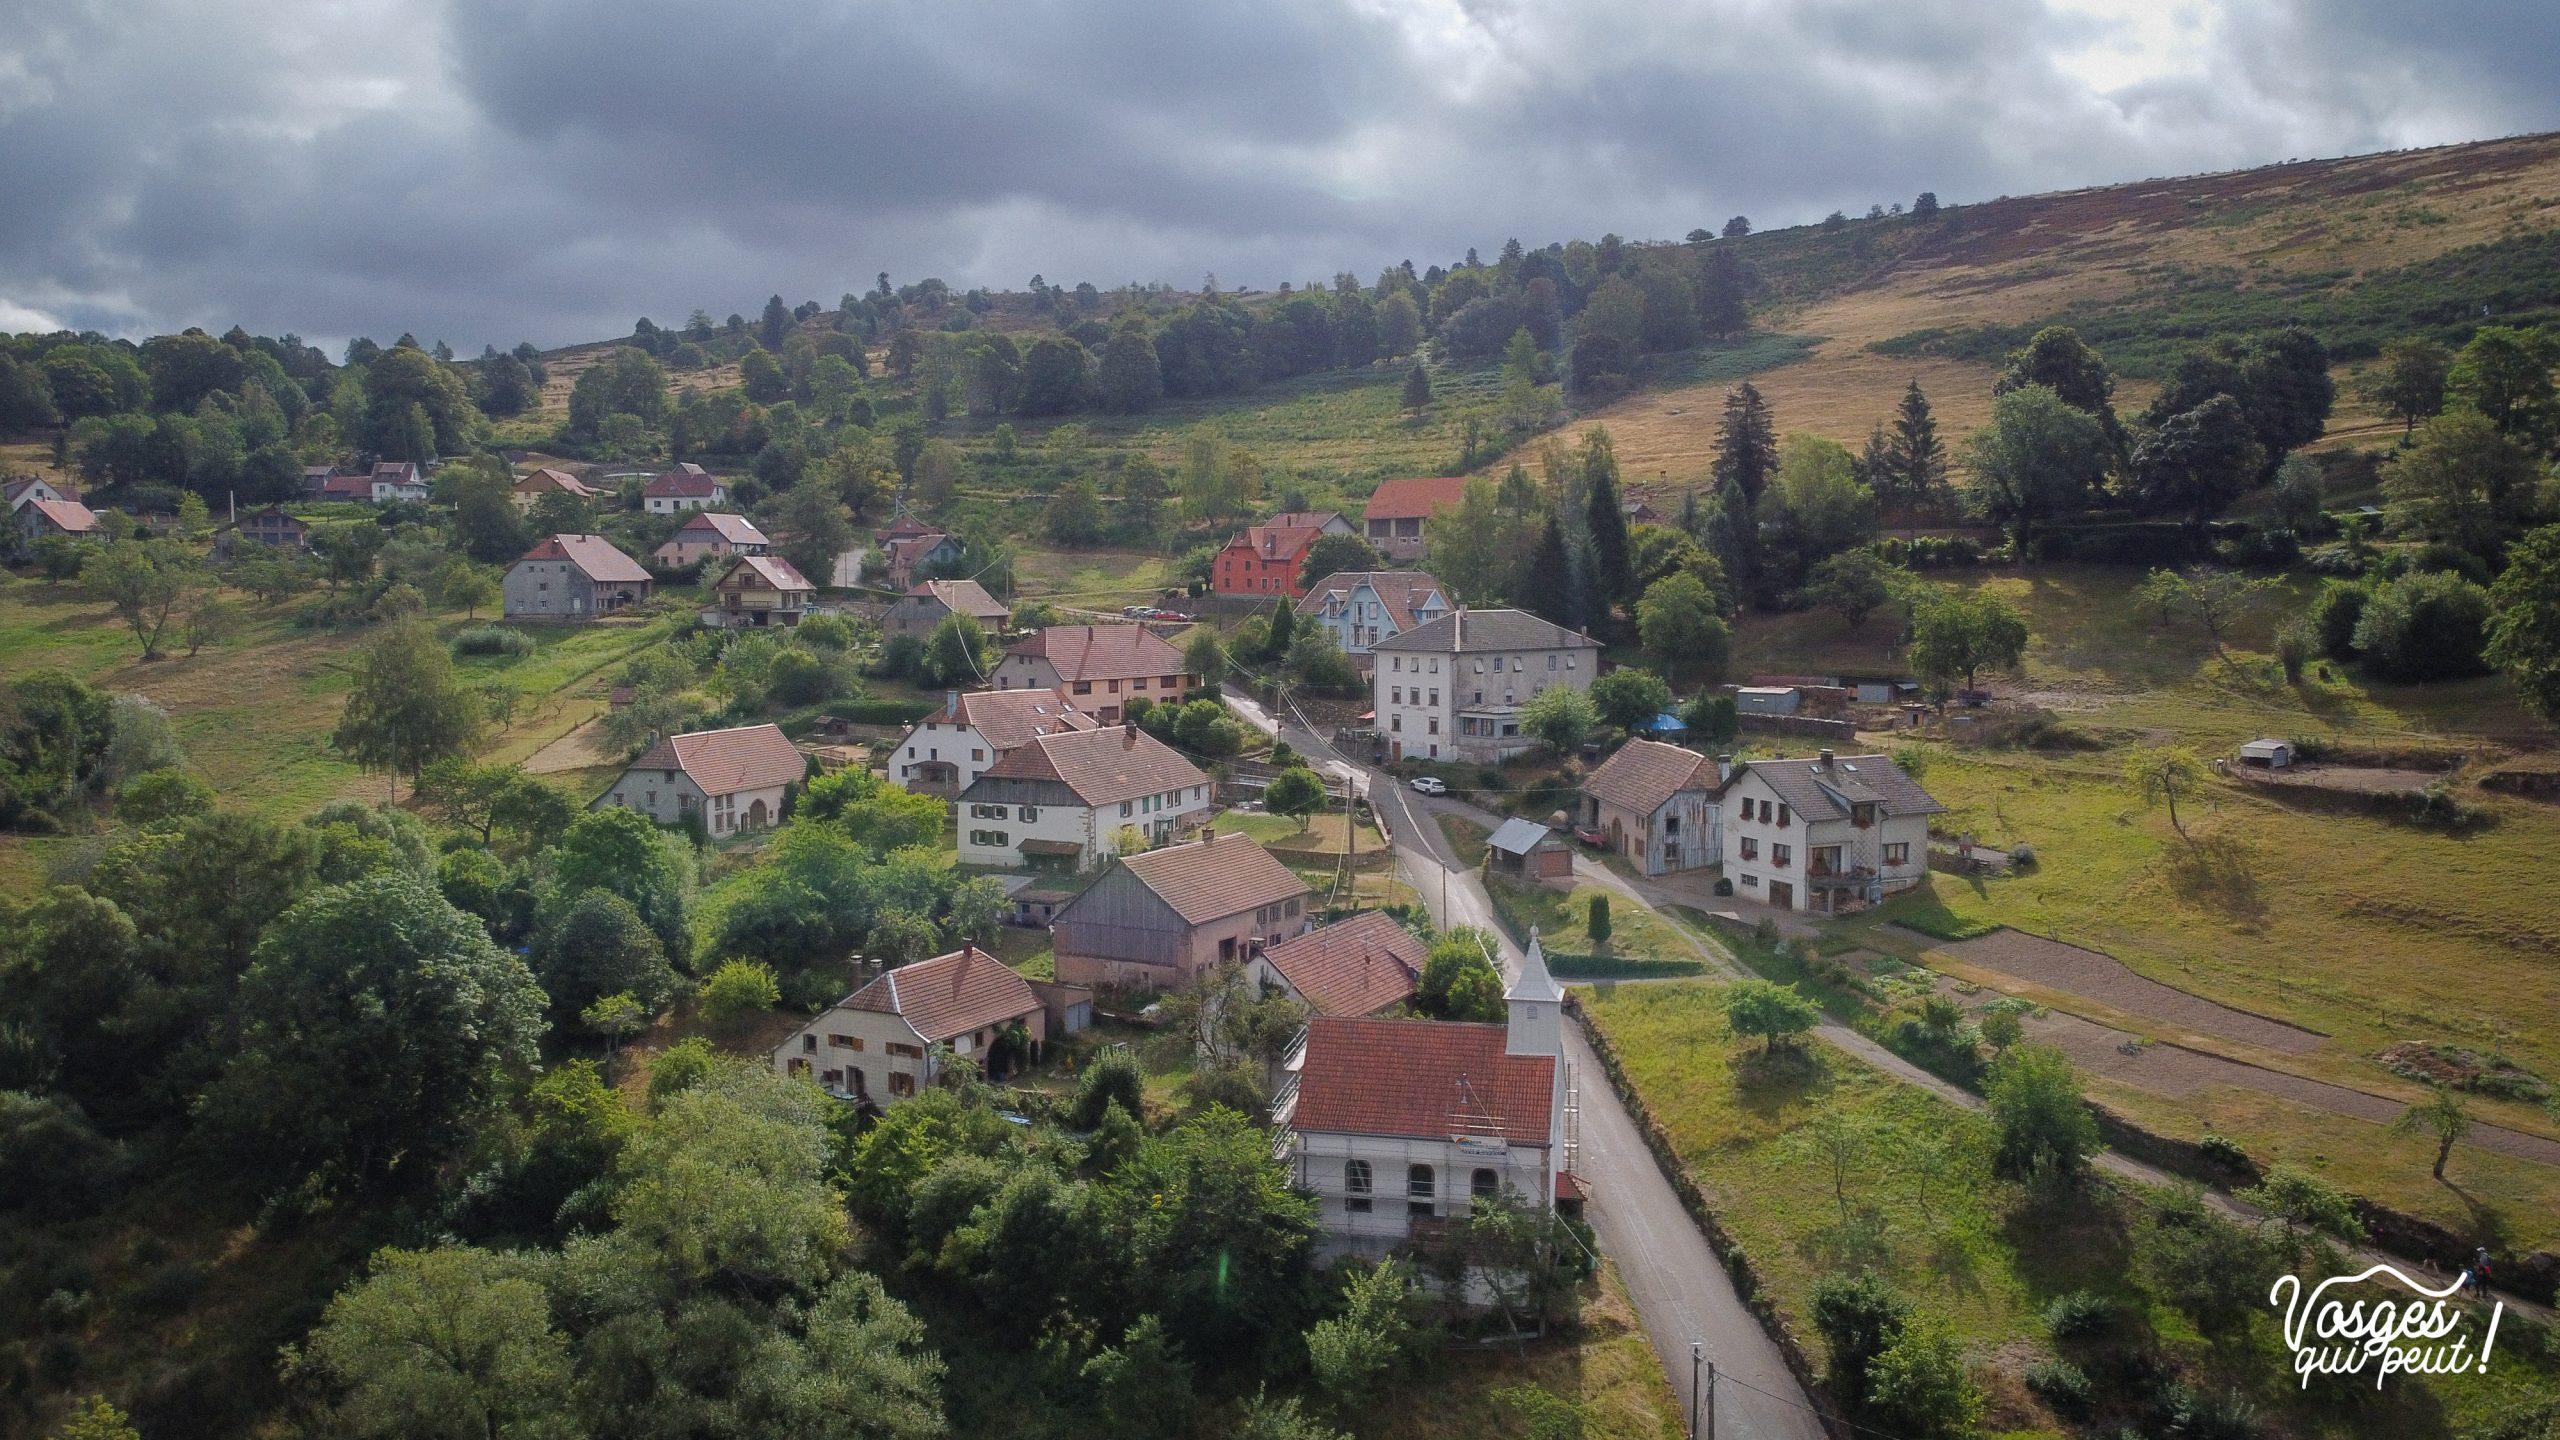 Vue aérienne sur le village de Solbach dans la vallée de la Bruche